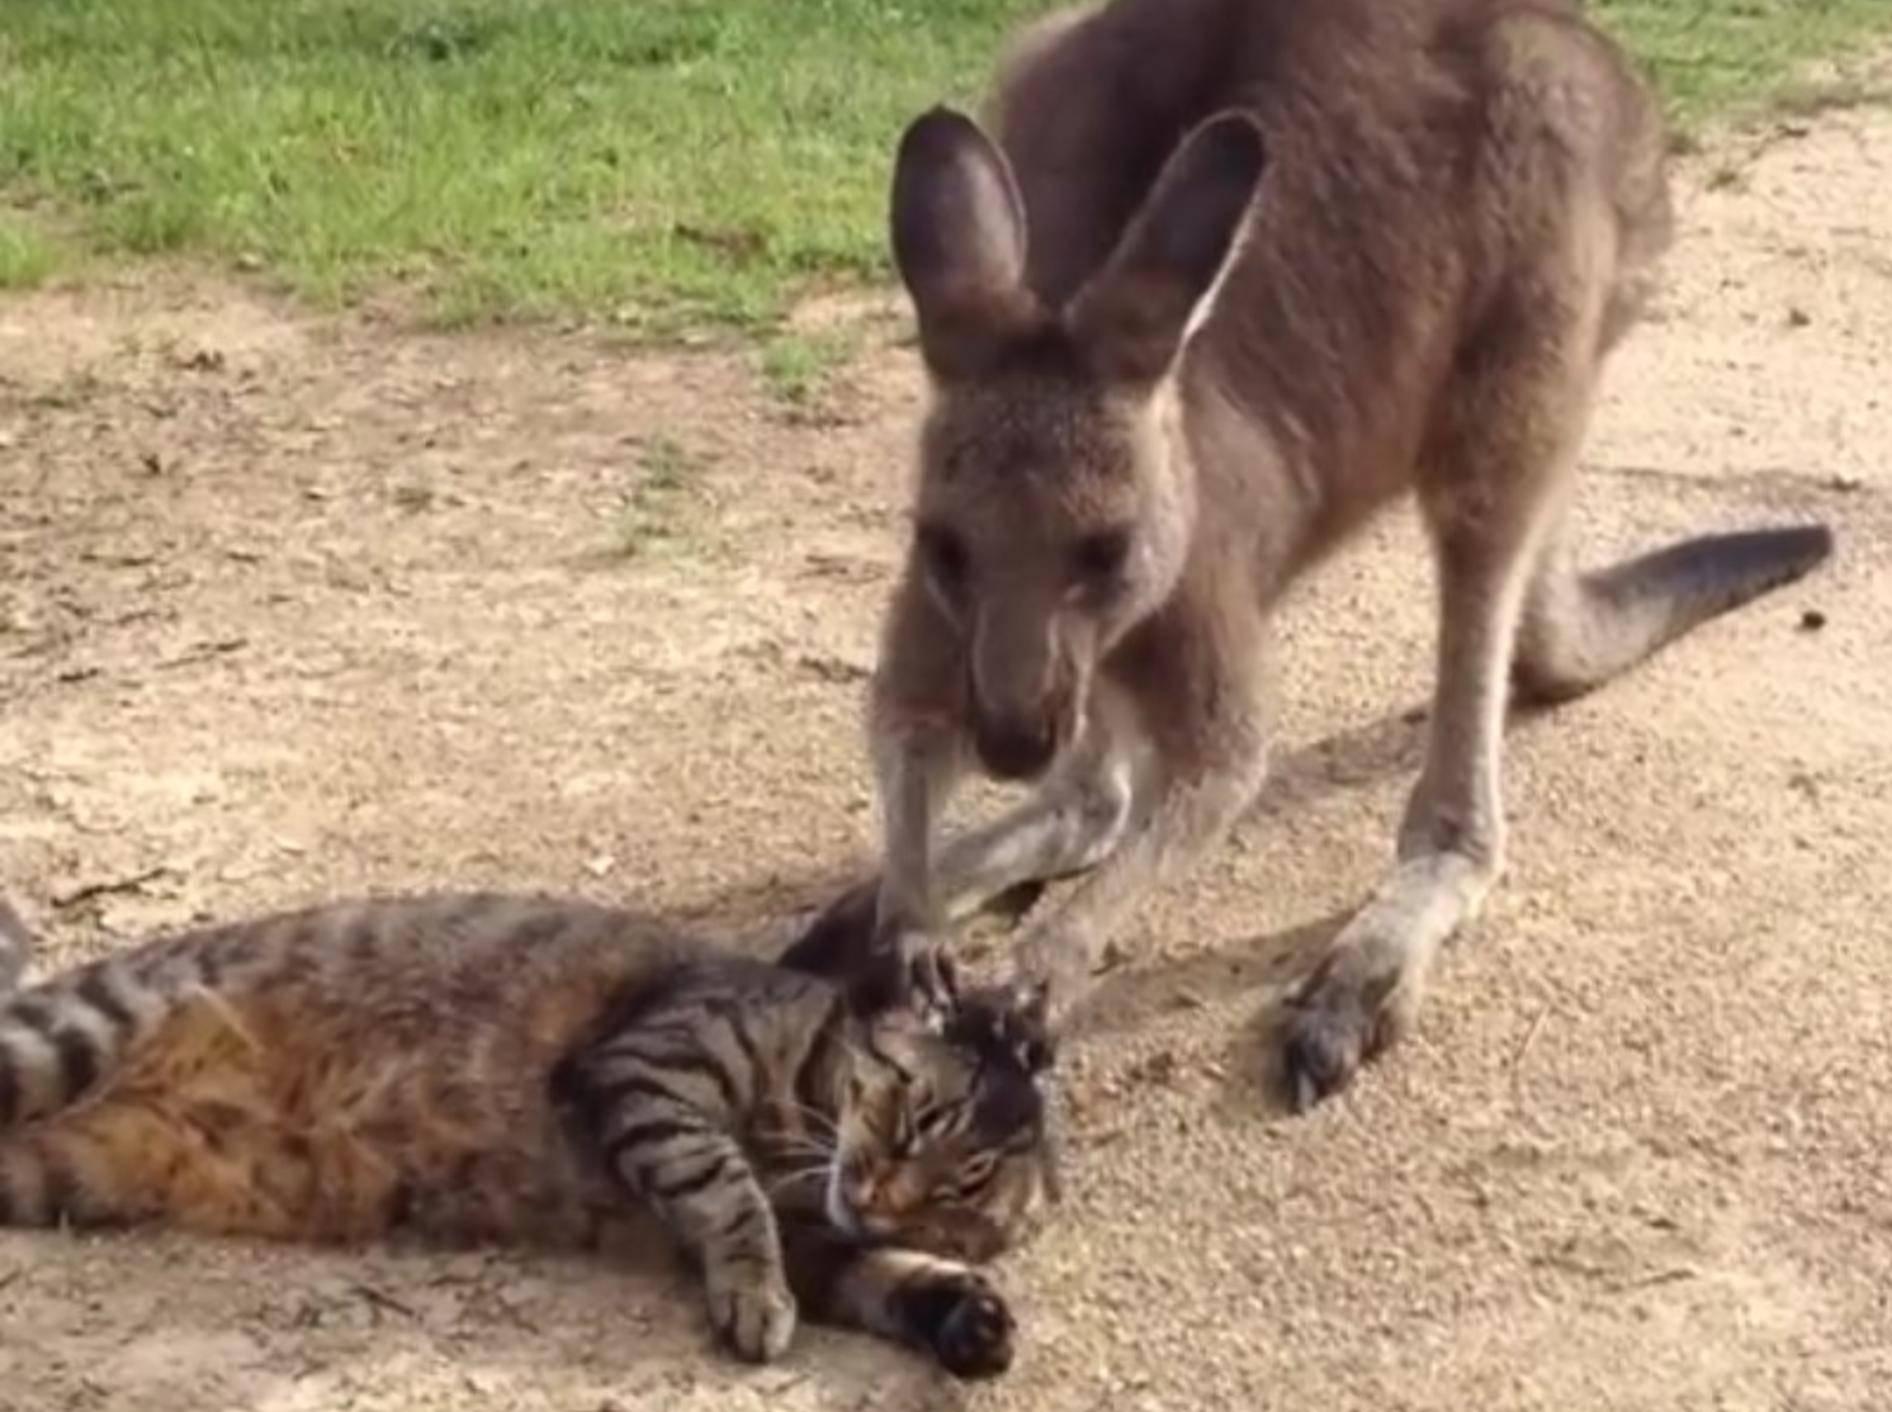 Dabei will das Känguru doch nur spielen... – YouTube / Paul Cesnik